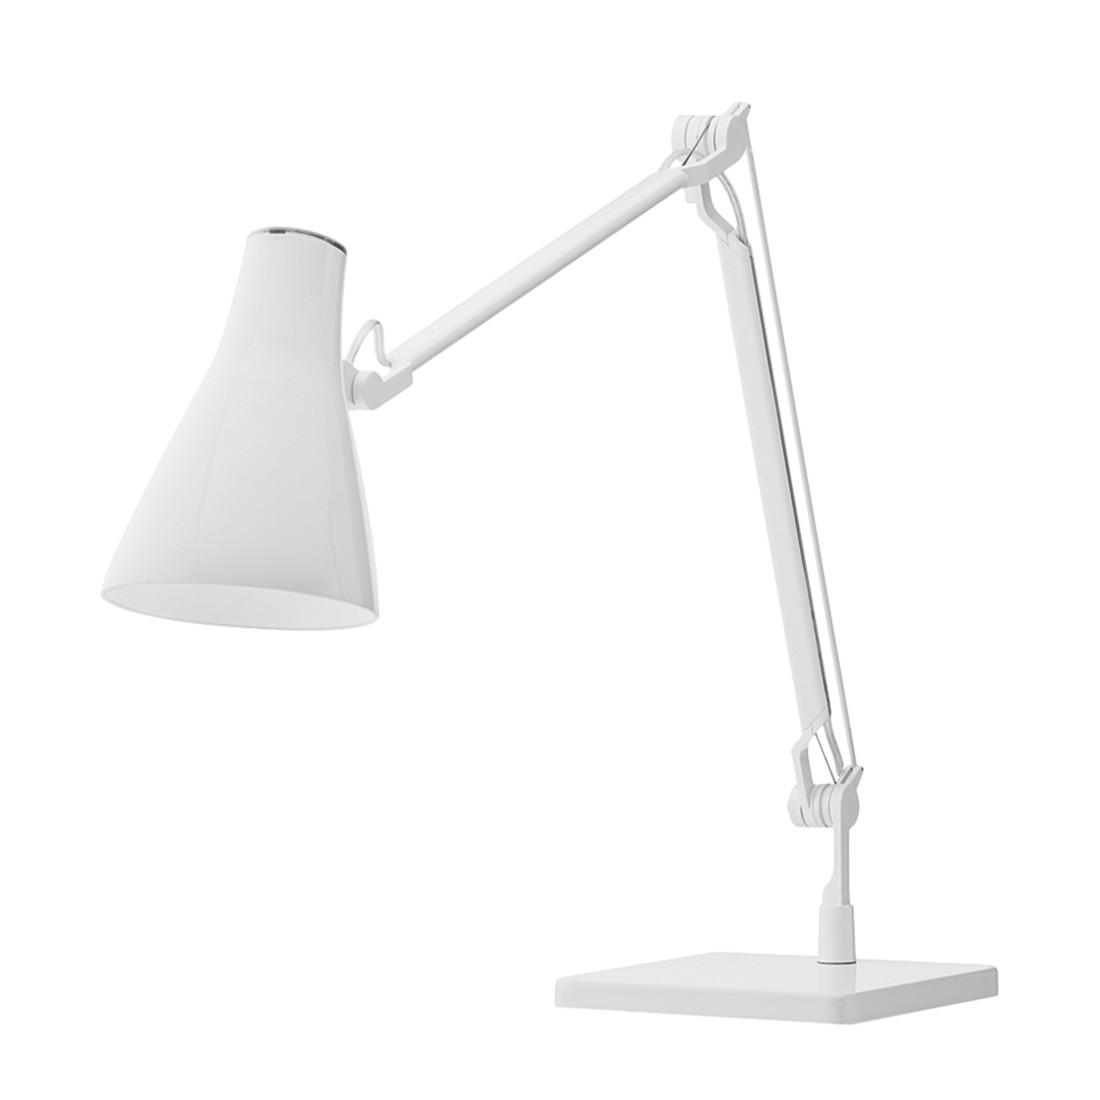 Tischleuchte Solus 2 ● Metall/Kunststoff ● Weiß ● 1-flammig- Blanke Design A+